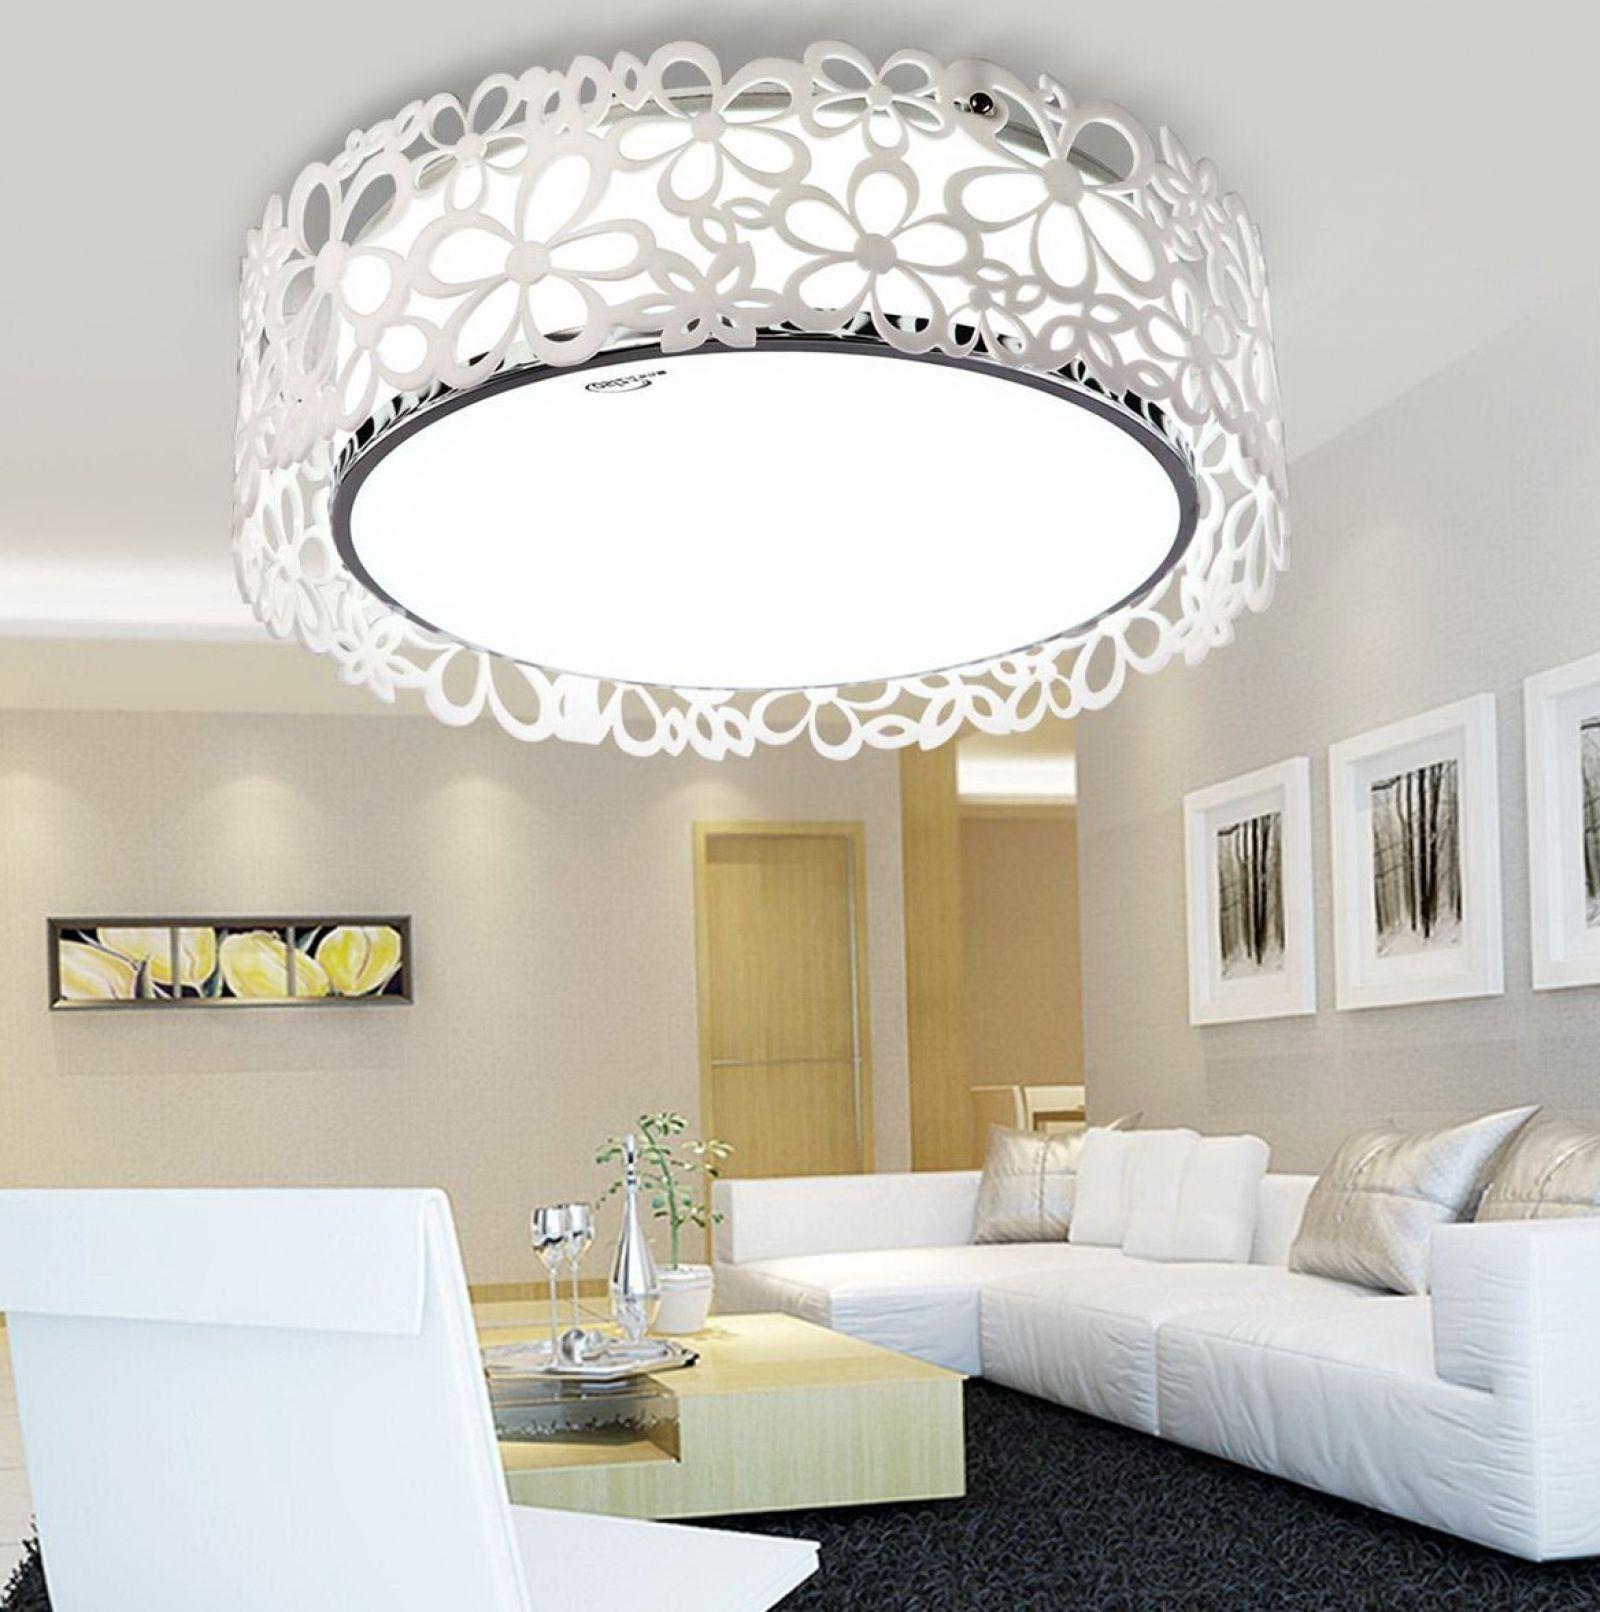 Светильники для гостиной: абажур с цветочным орнаментом